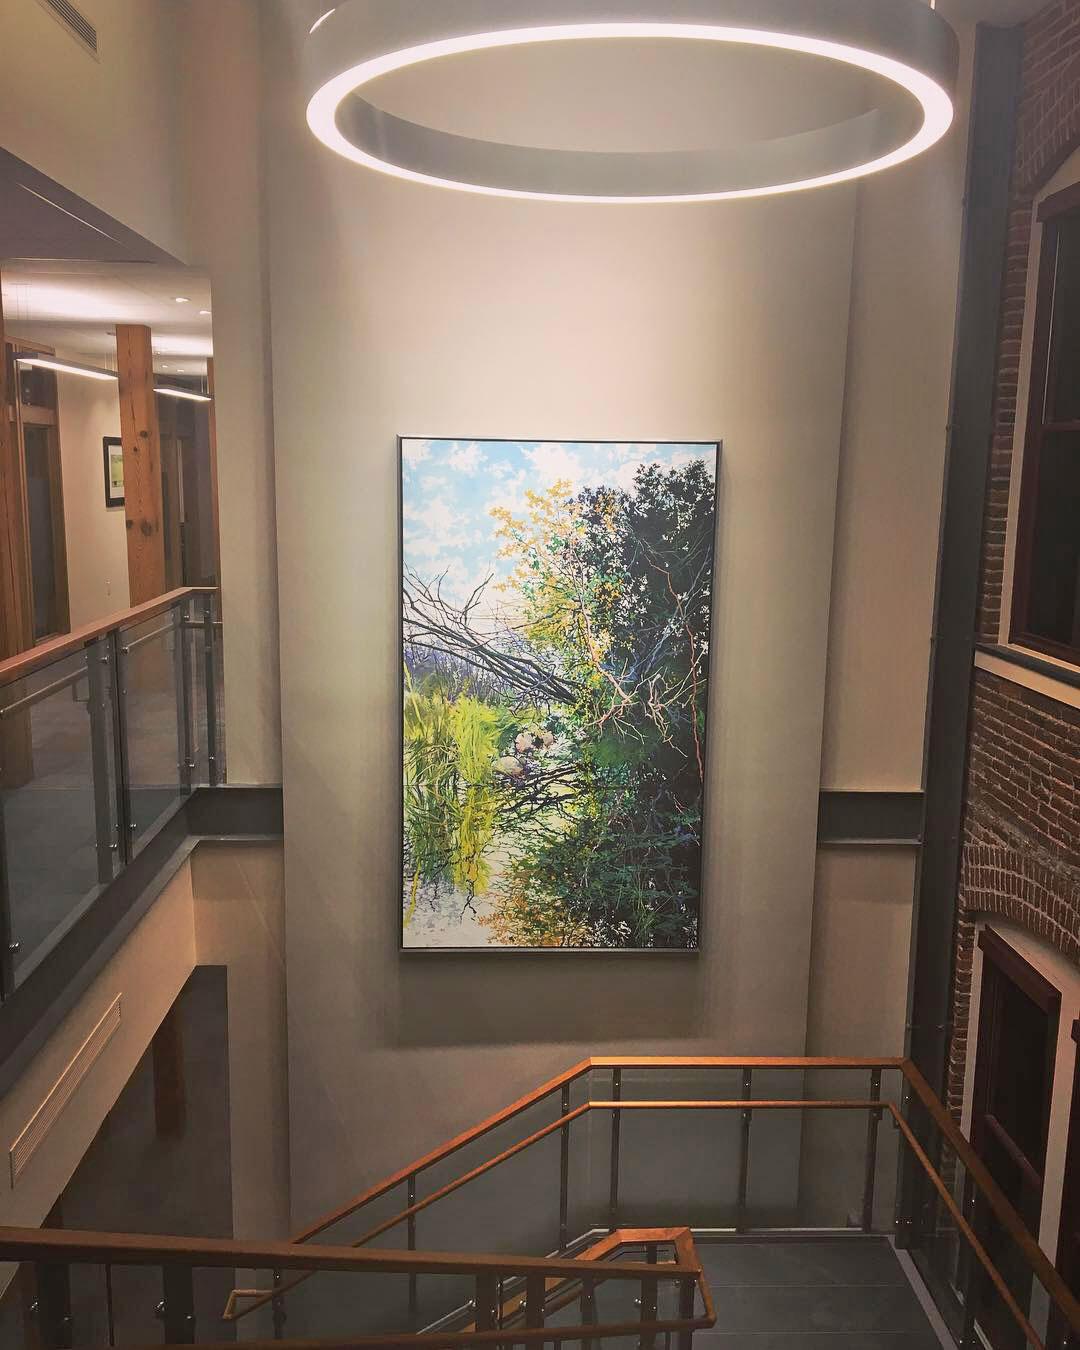 grg-building-interior-light.jpg